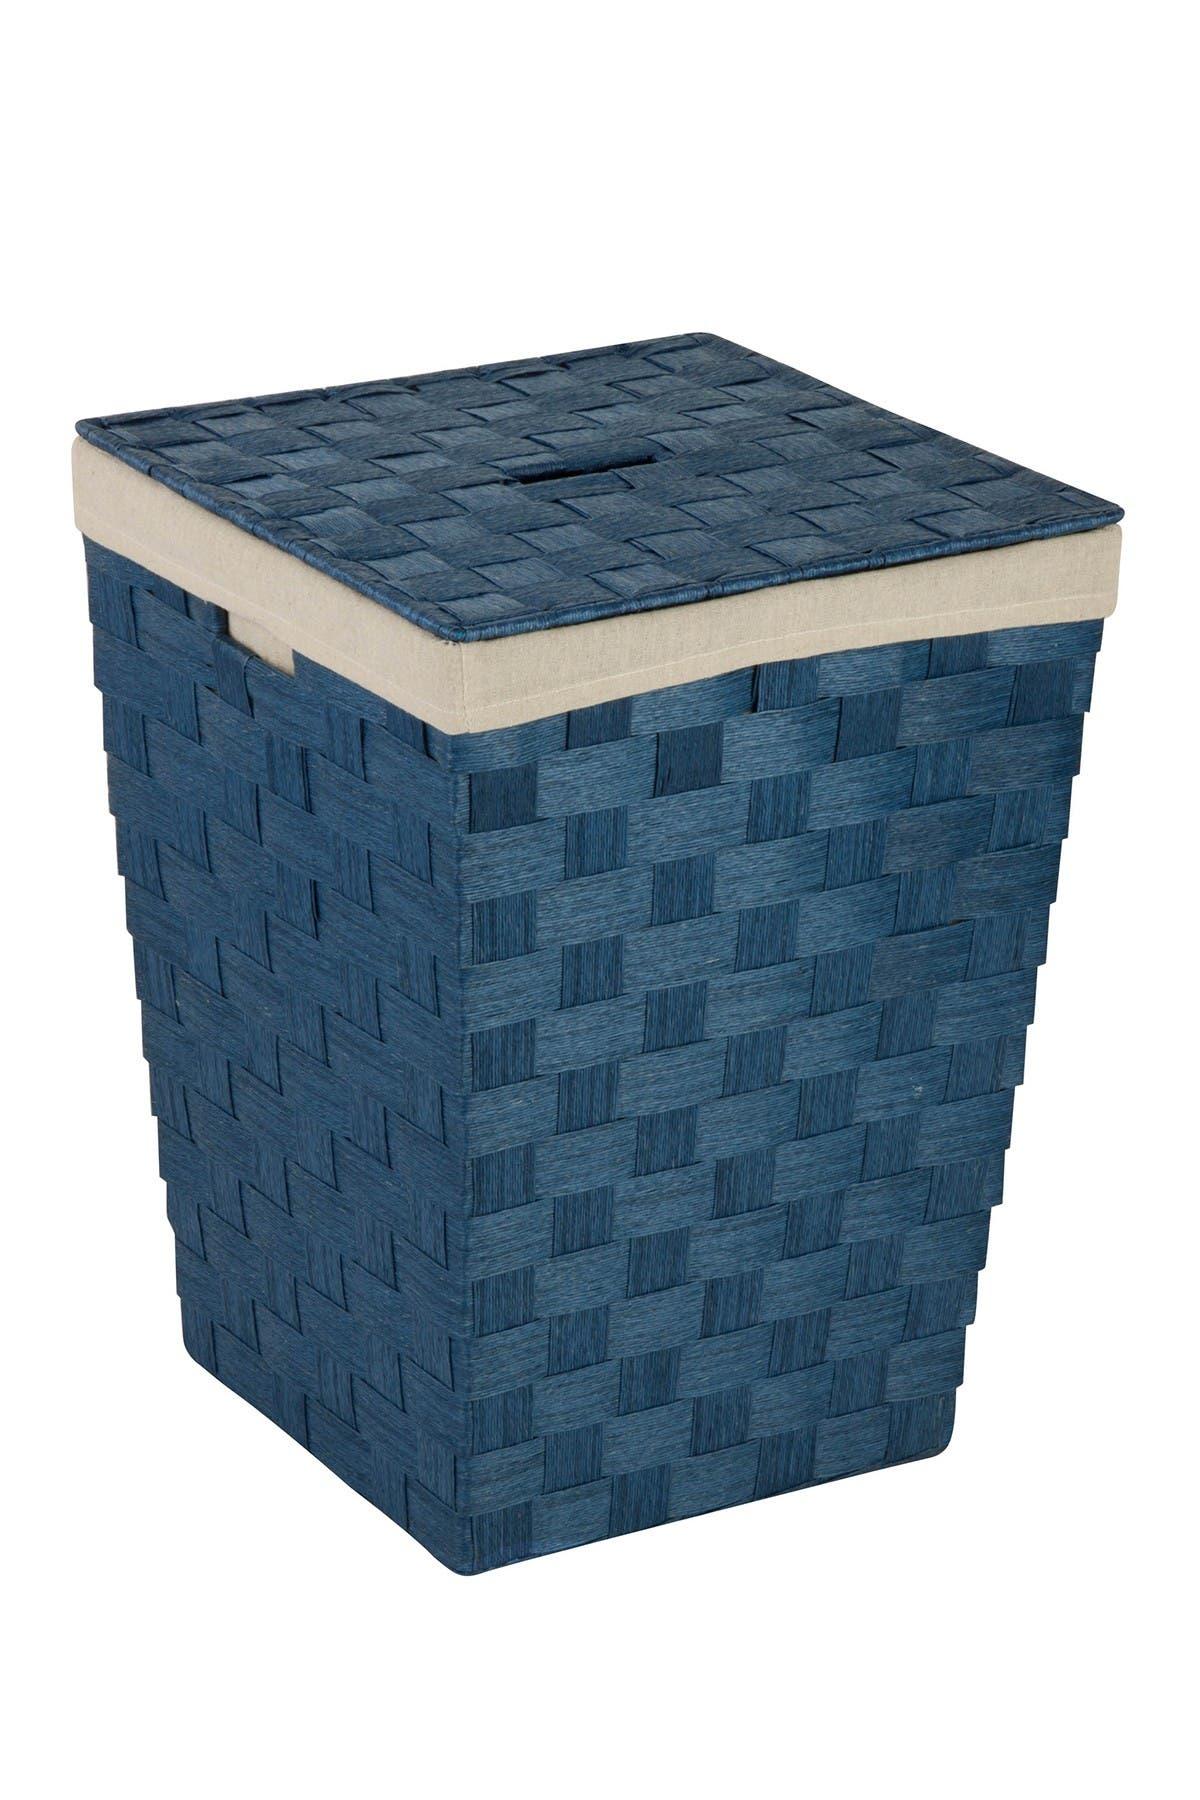 Image of Honey-Can-Do Basket Hamper with Liner